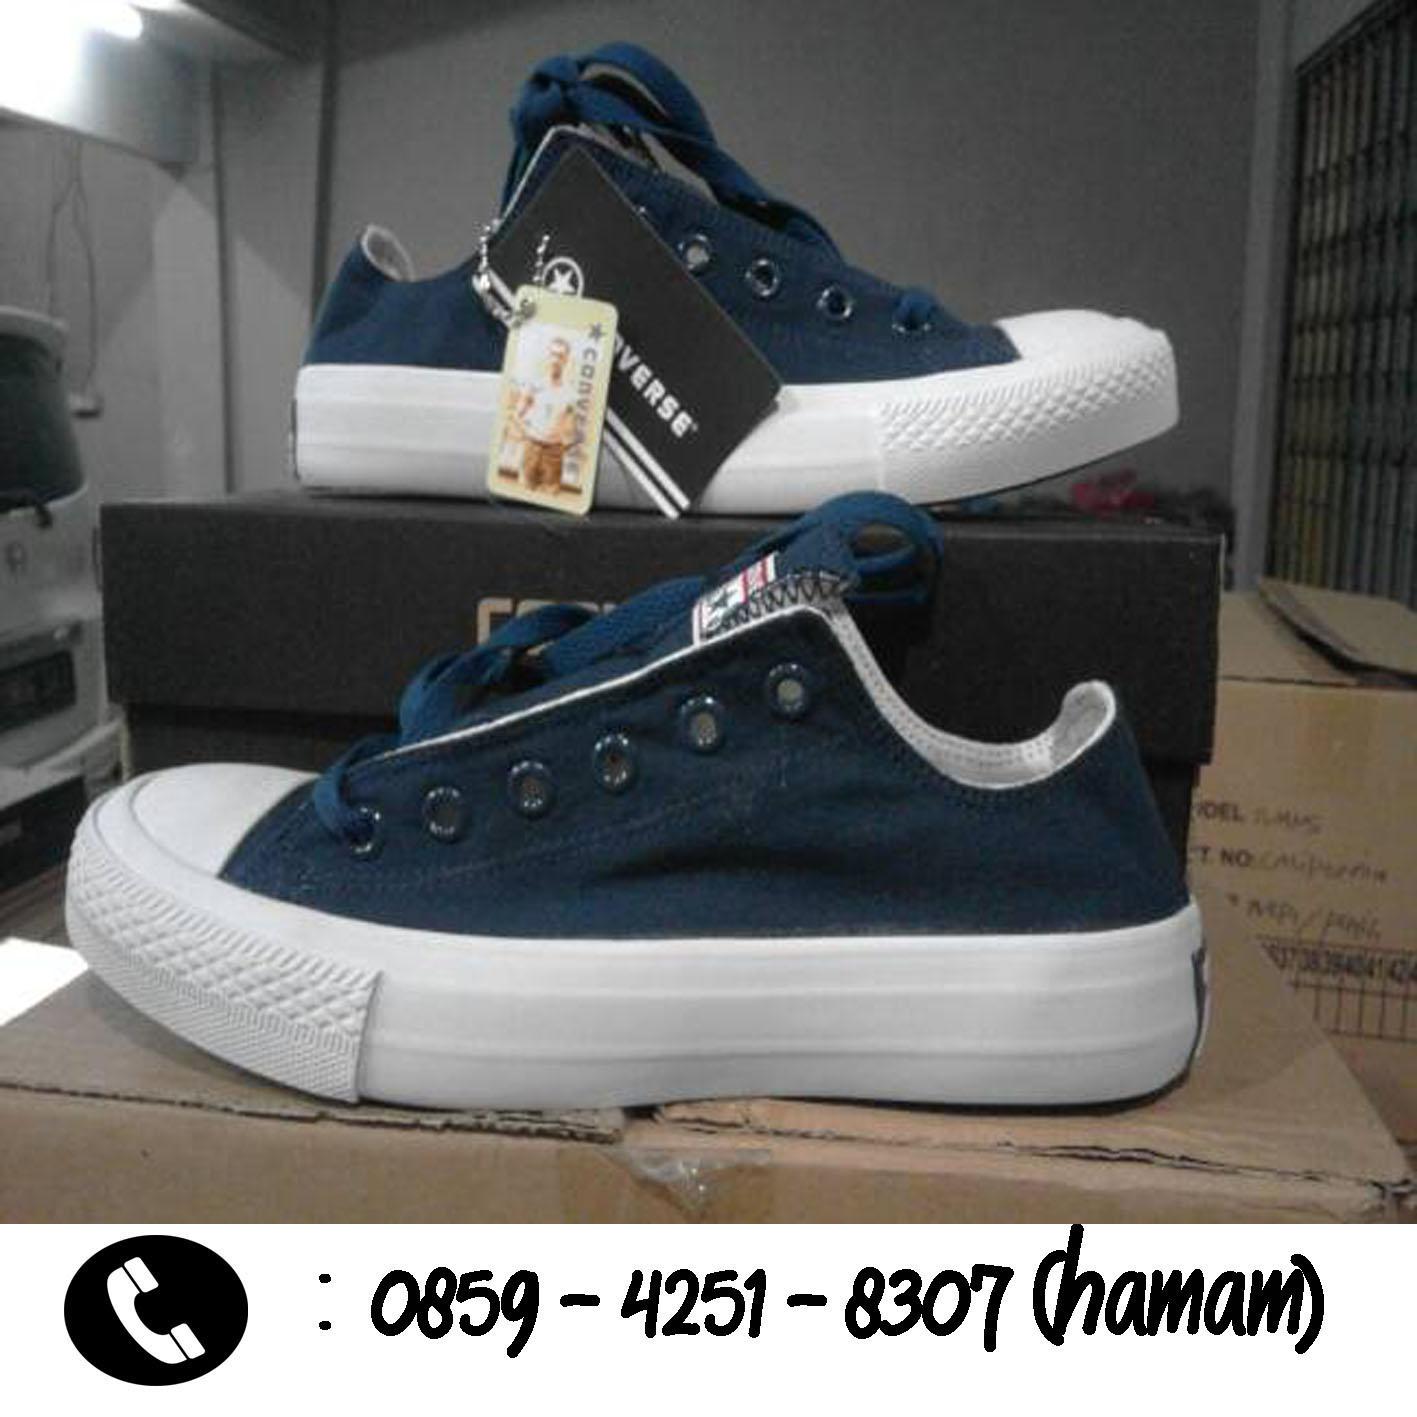 b53e5abacfb9 Jual Sepatu Converse All Star Chuck Taylor II Murah - Jual Sepatu ...